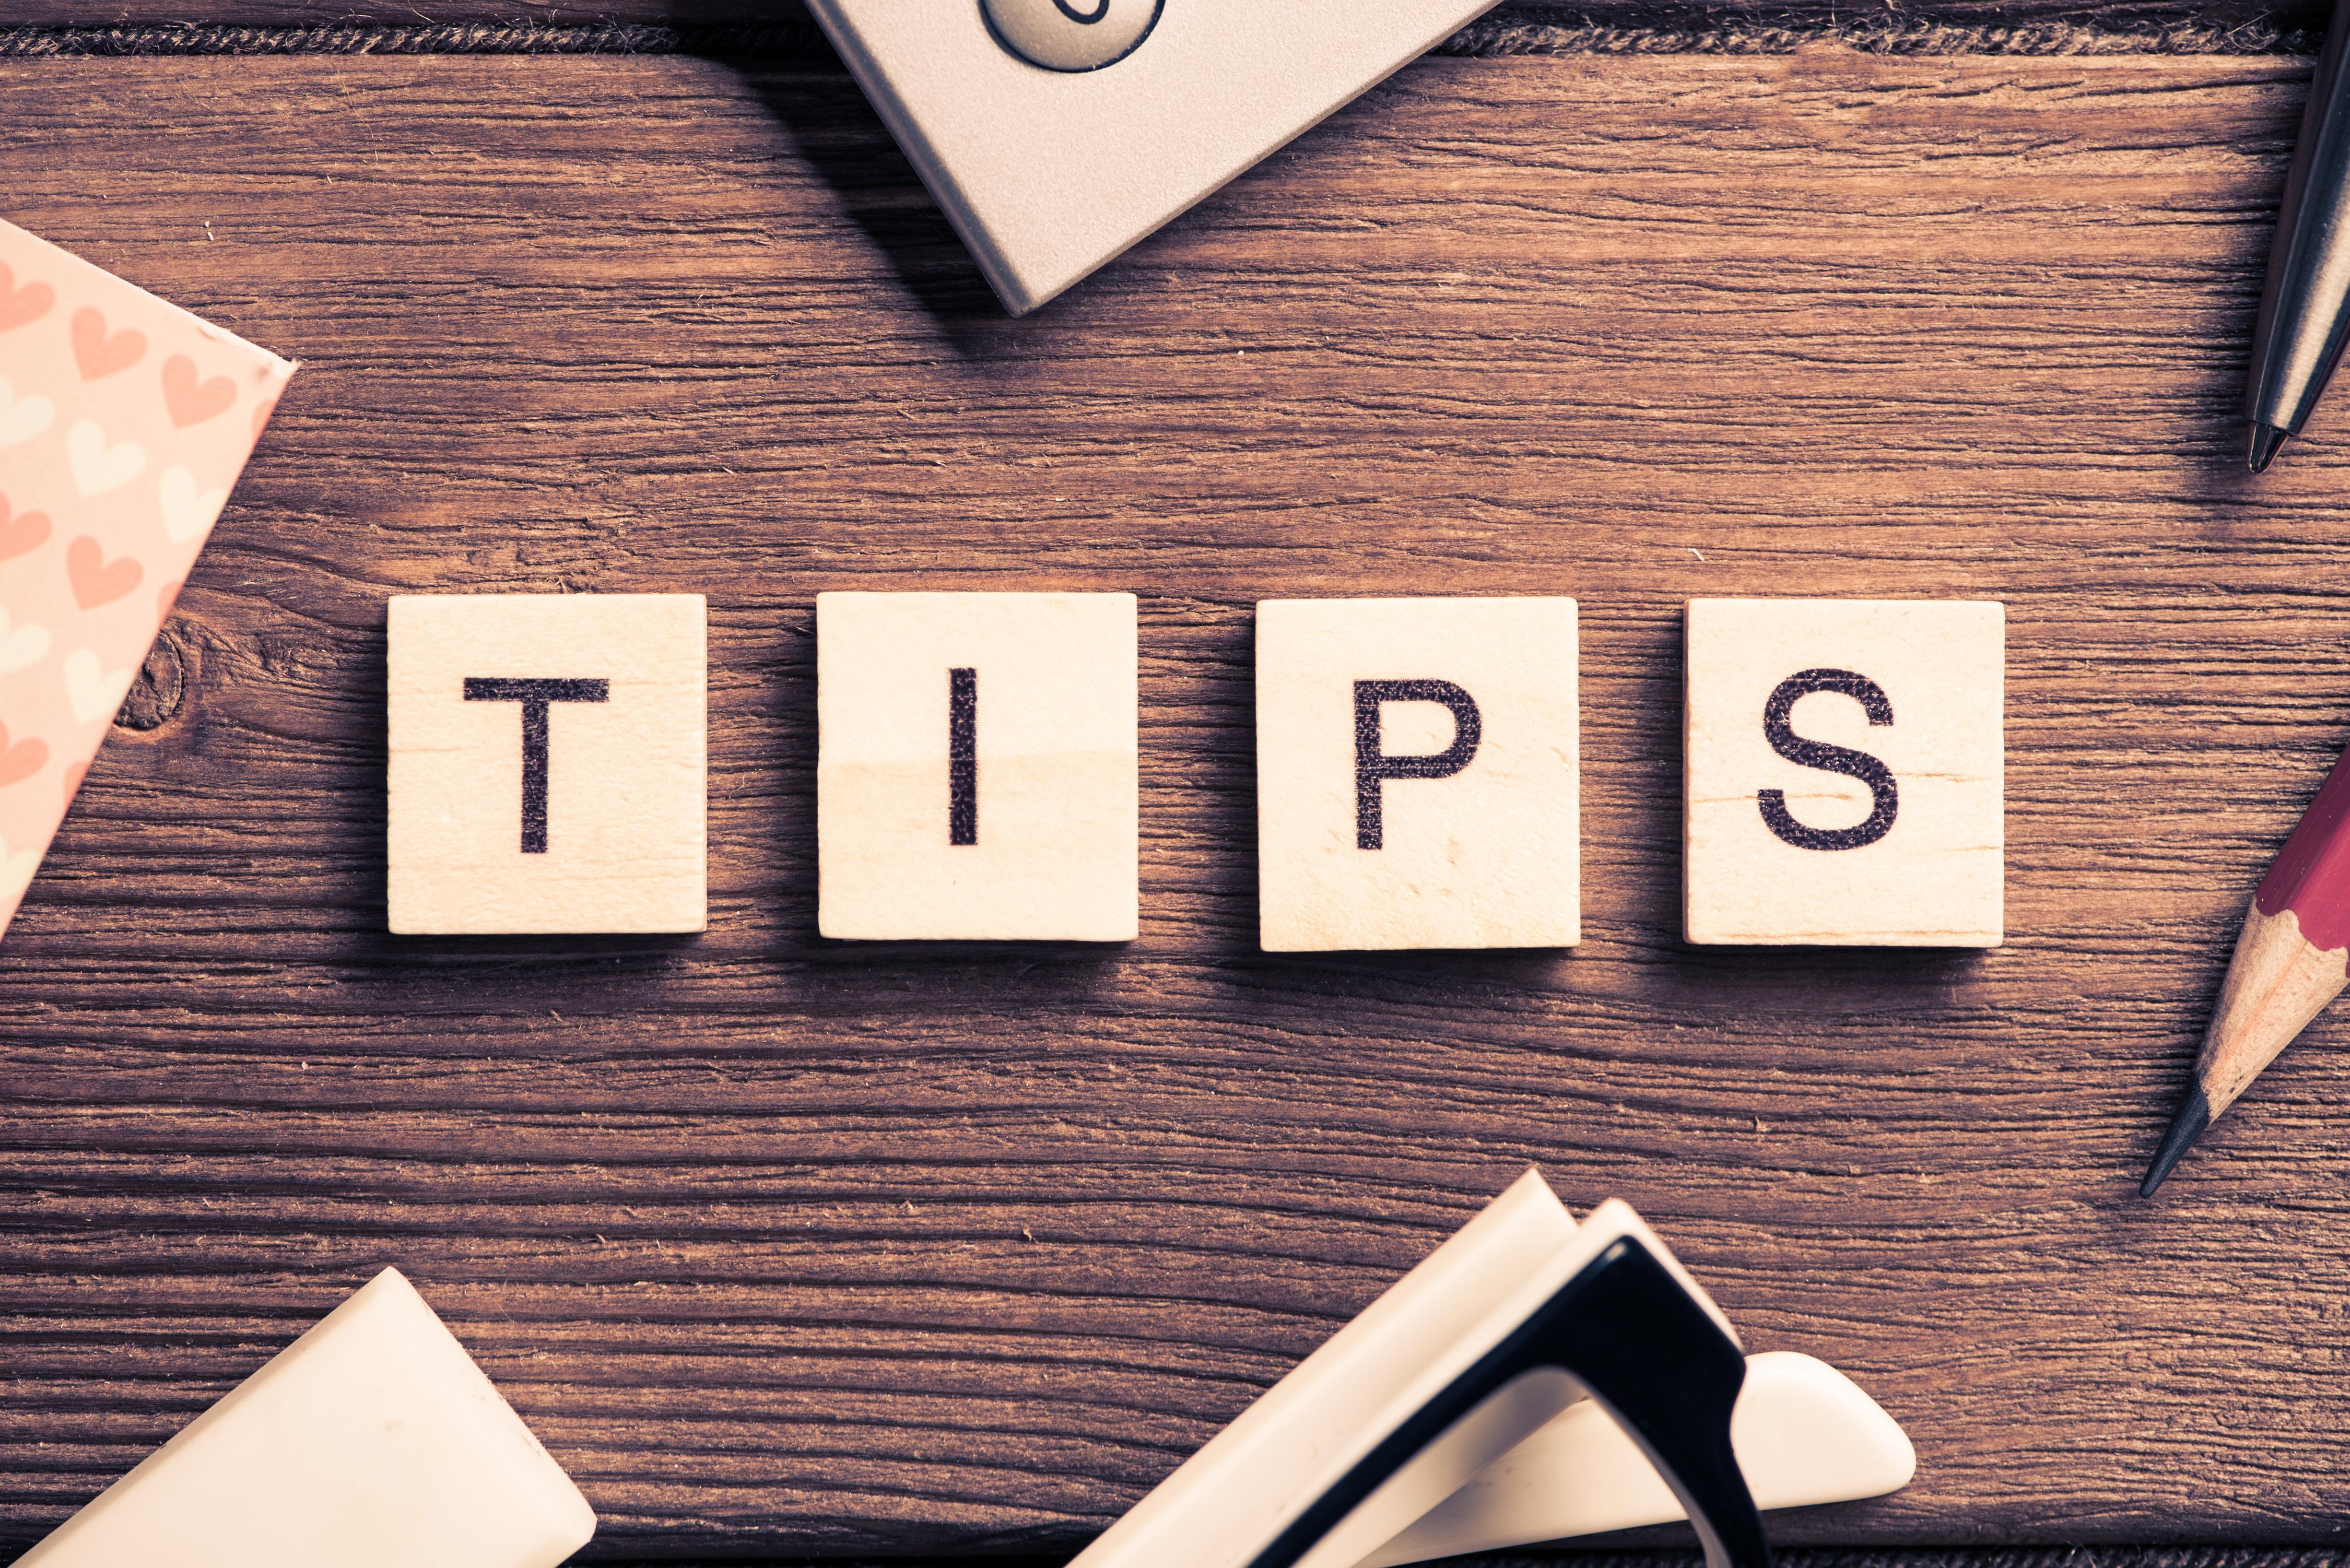 【無料ダウンロード】企業が効果的にブログマーケティングを行うための10週間計画